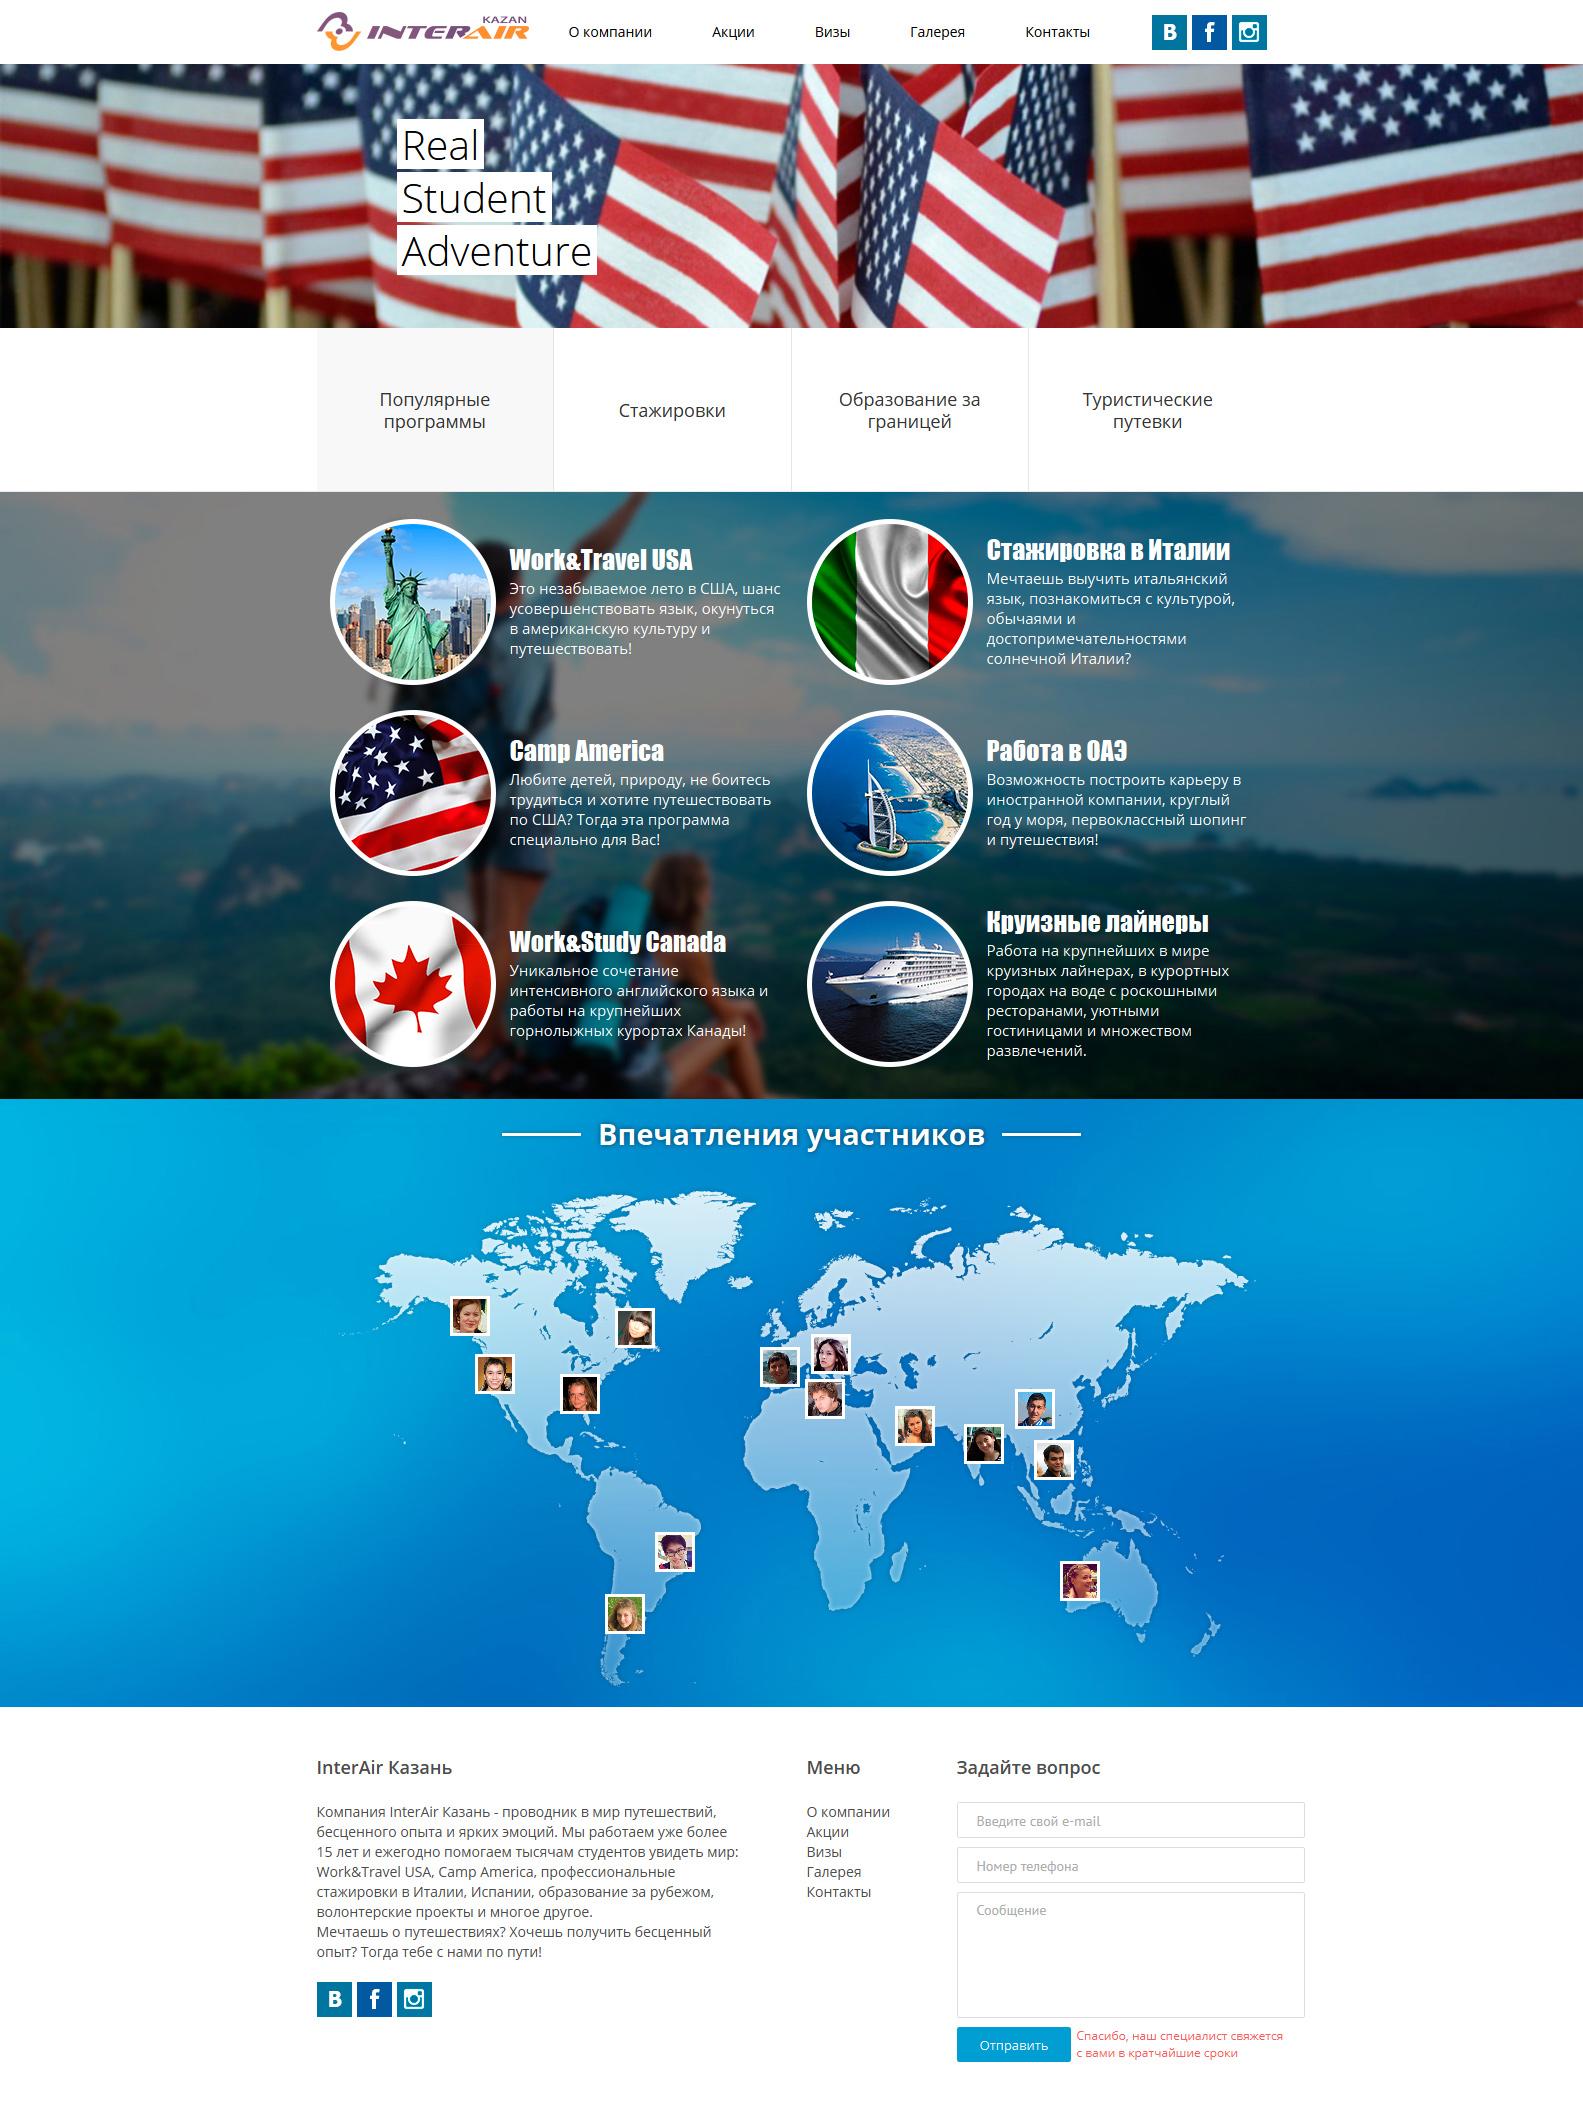 InterAir-Kazan (HTML5, CSS3)